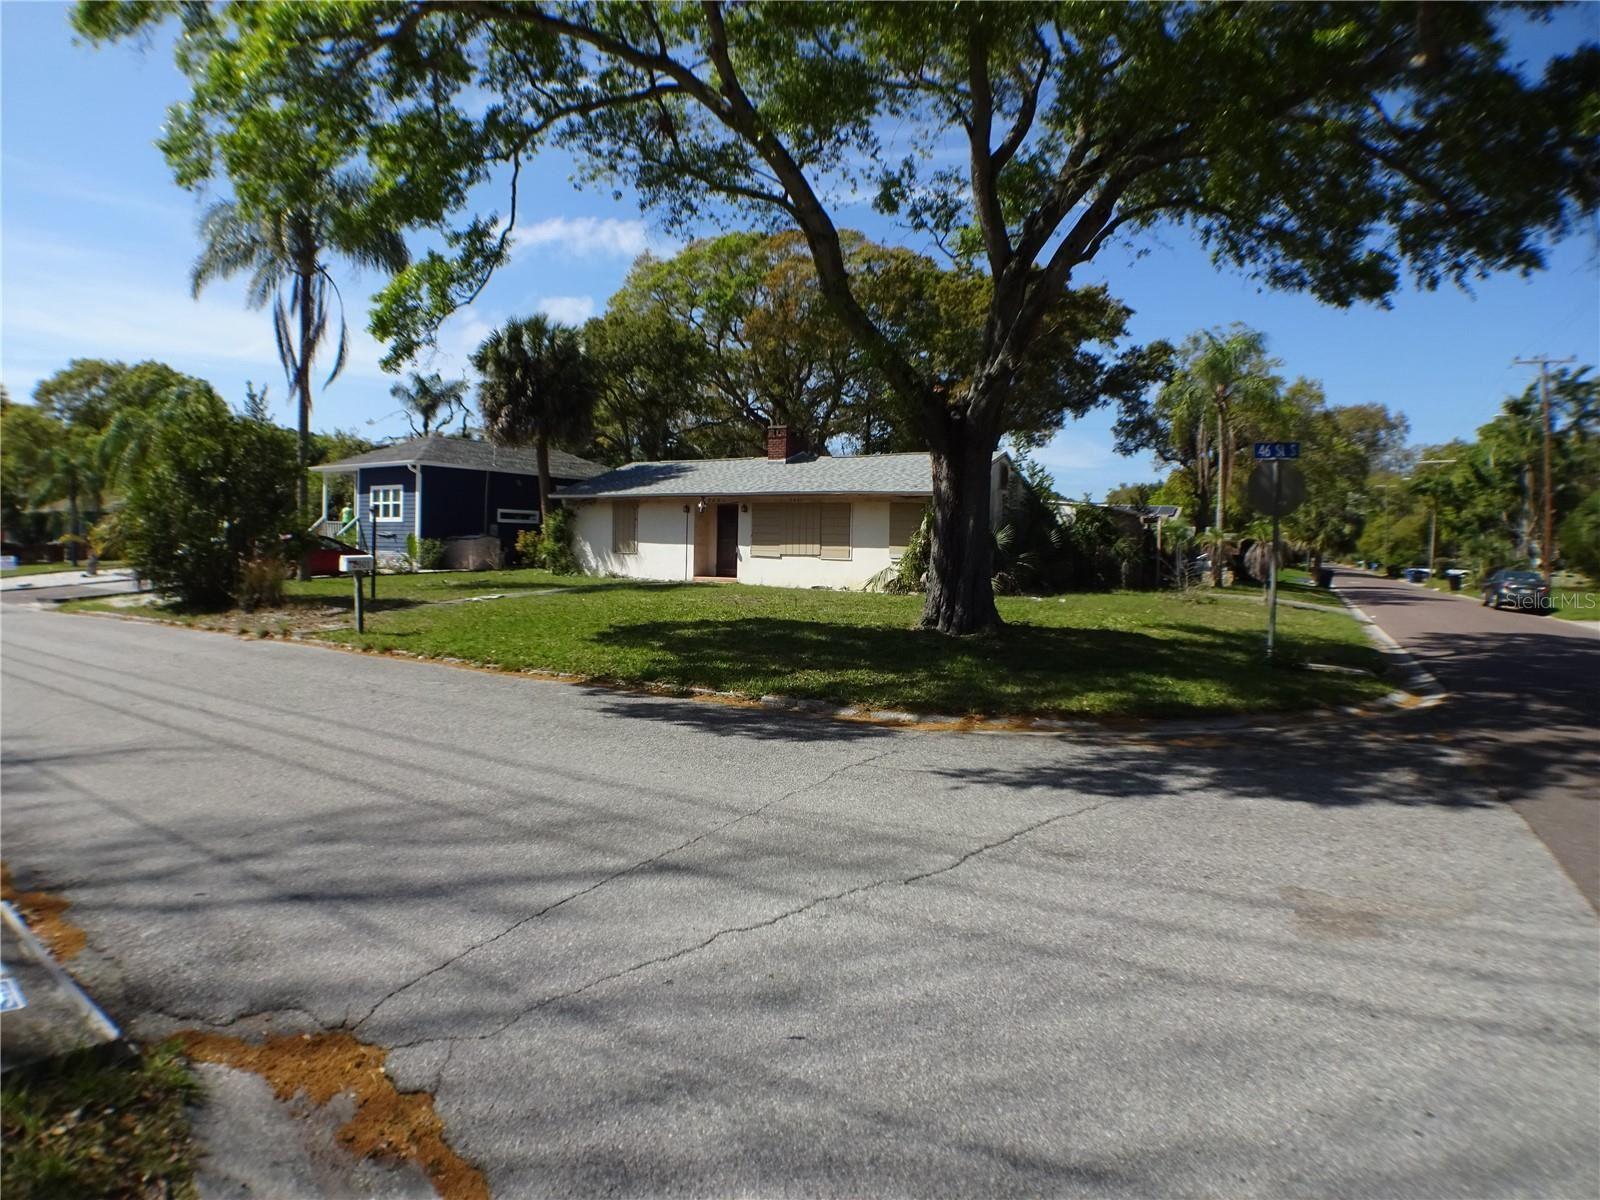 2601 46TH STREET S, Gulfport, FL 33711 - #: U8135075